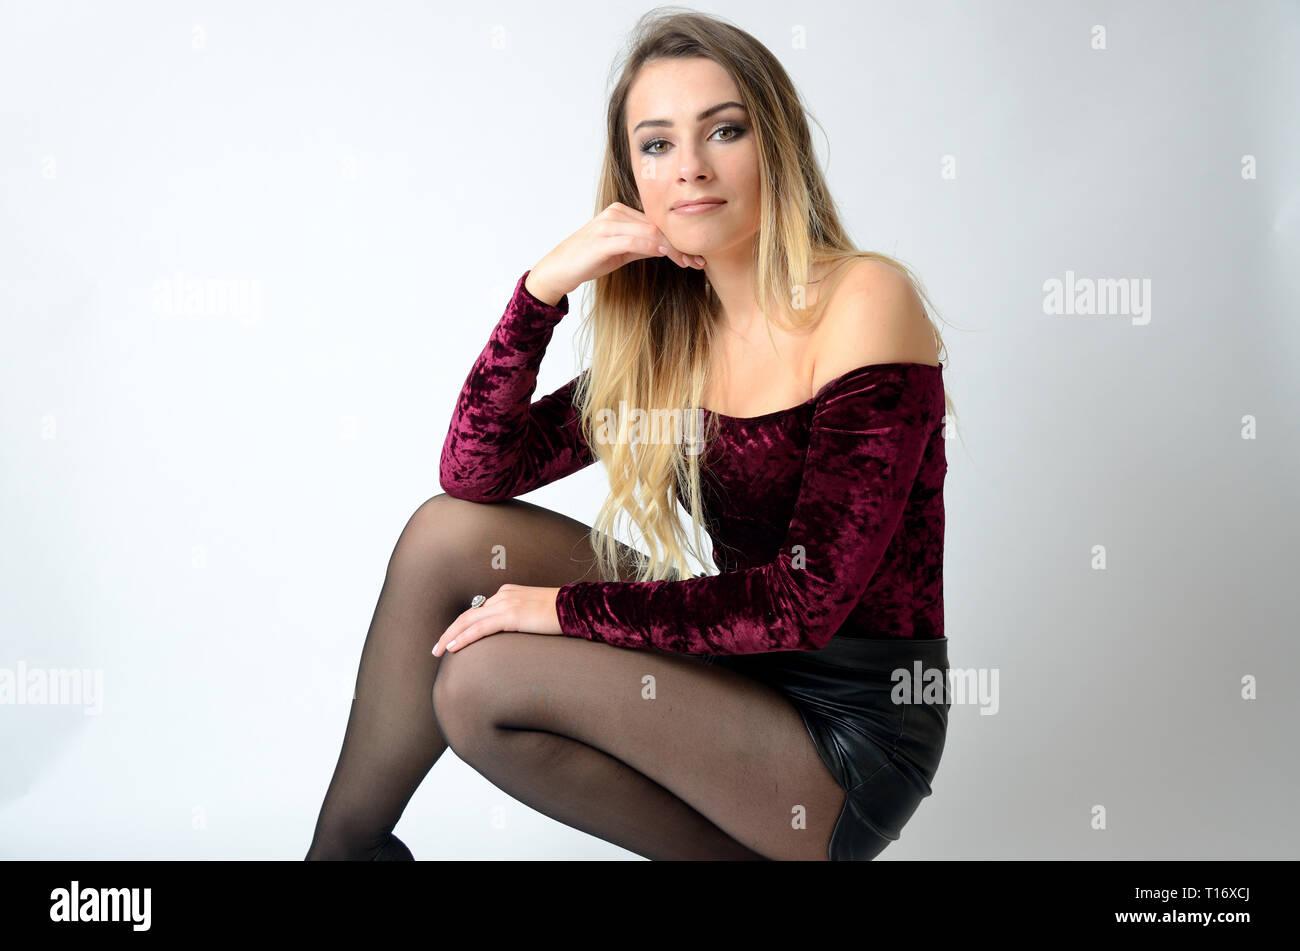 Bellissimo modello polacco. Ben costruita la ragazza con maroon top, pantaloncini neri e calze. Immagini Stock